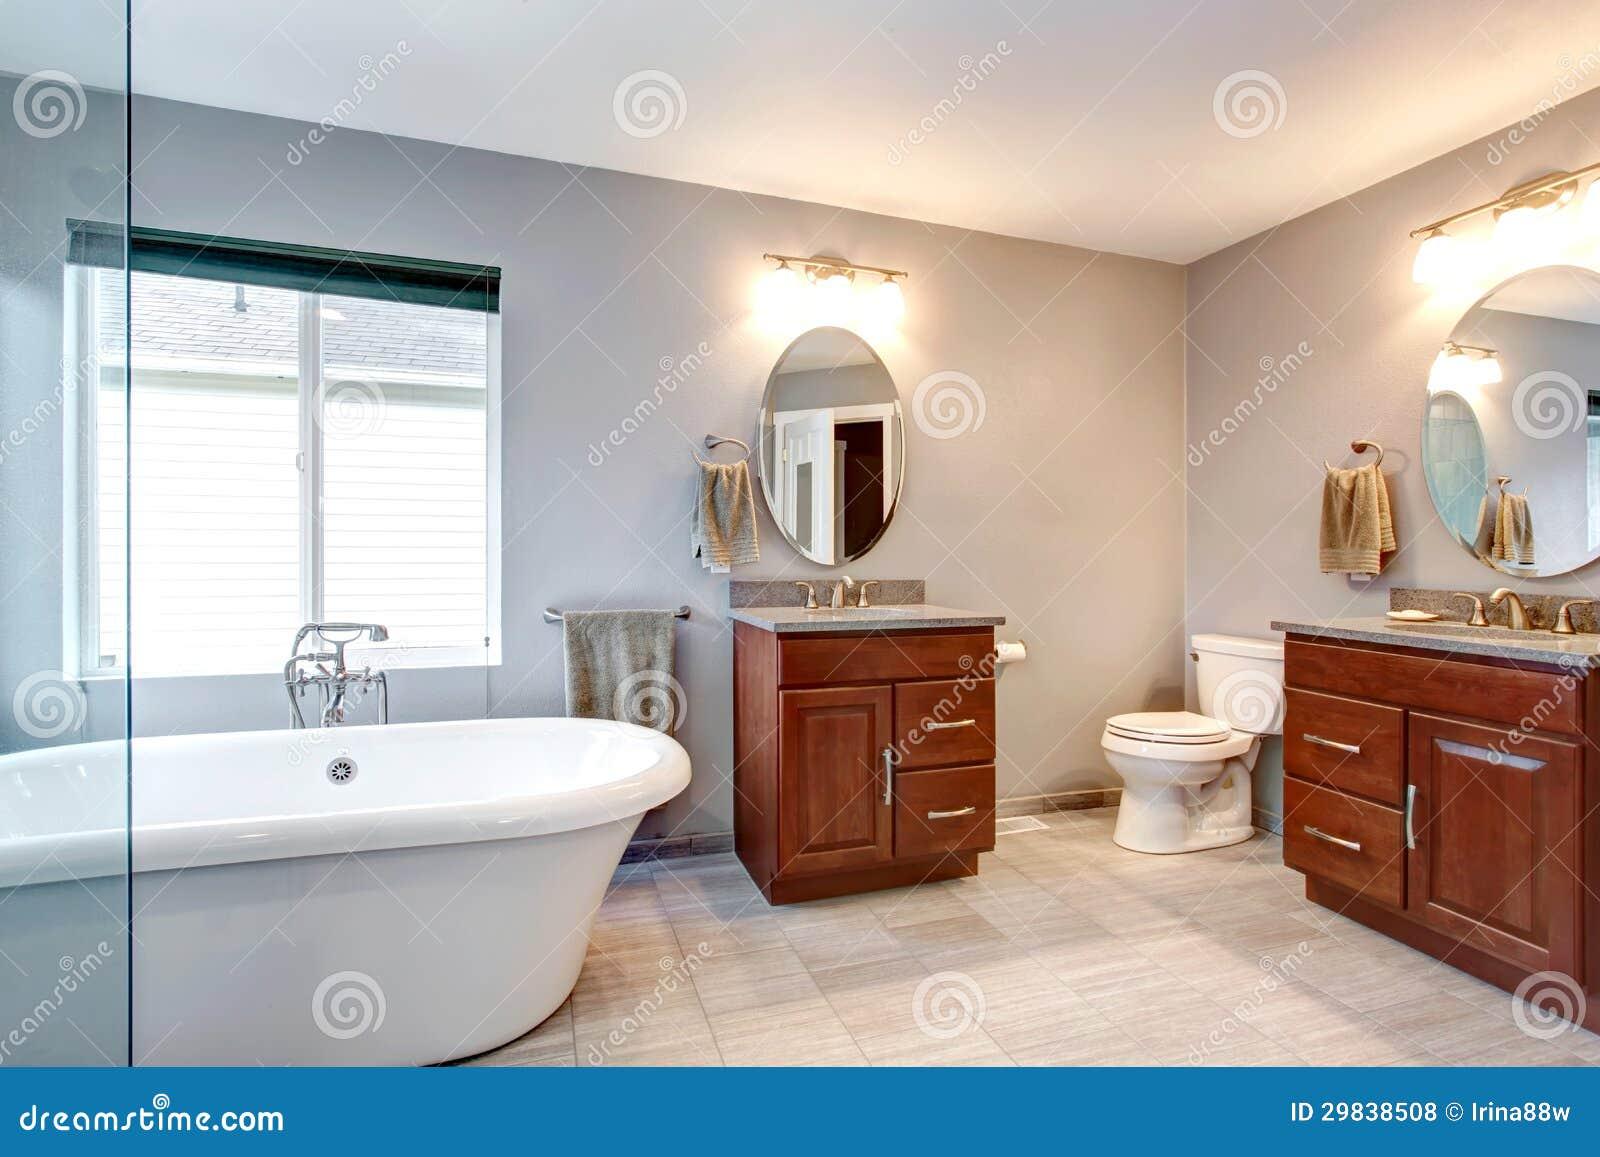 Mooie Moderne Badkamers : Het mooie grijze nieuwe binnenland van de luxe moderne badkamers